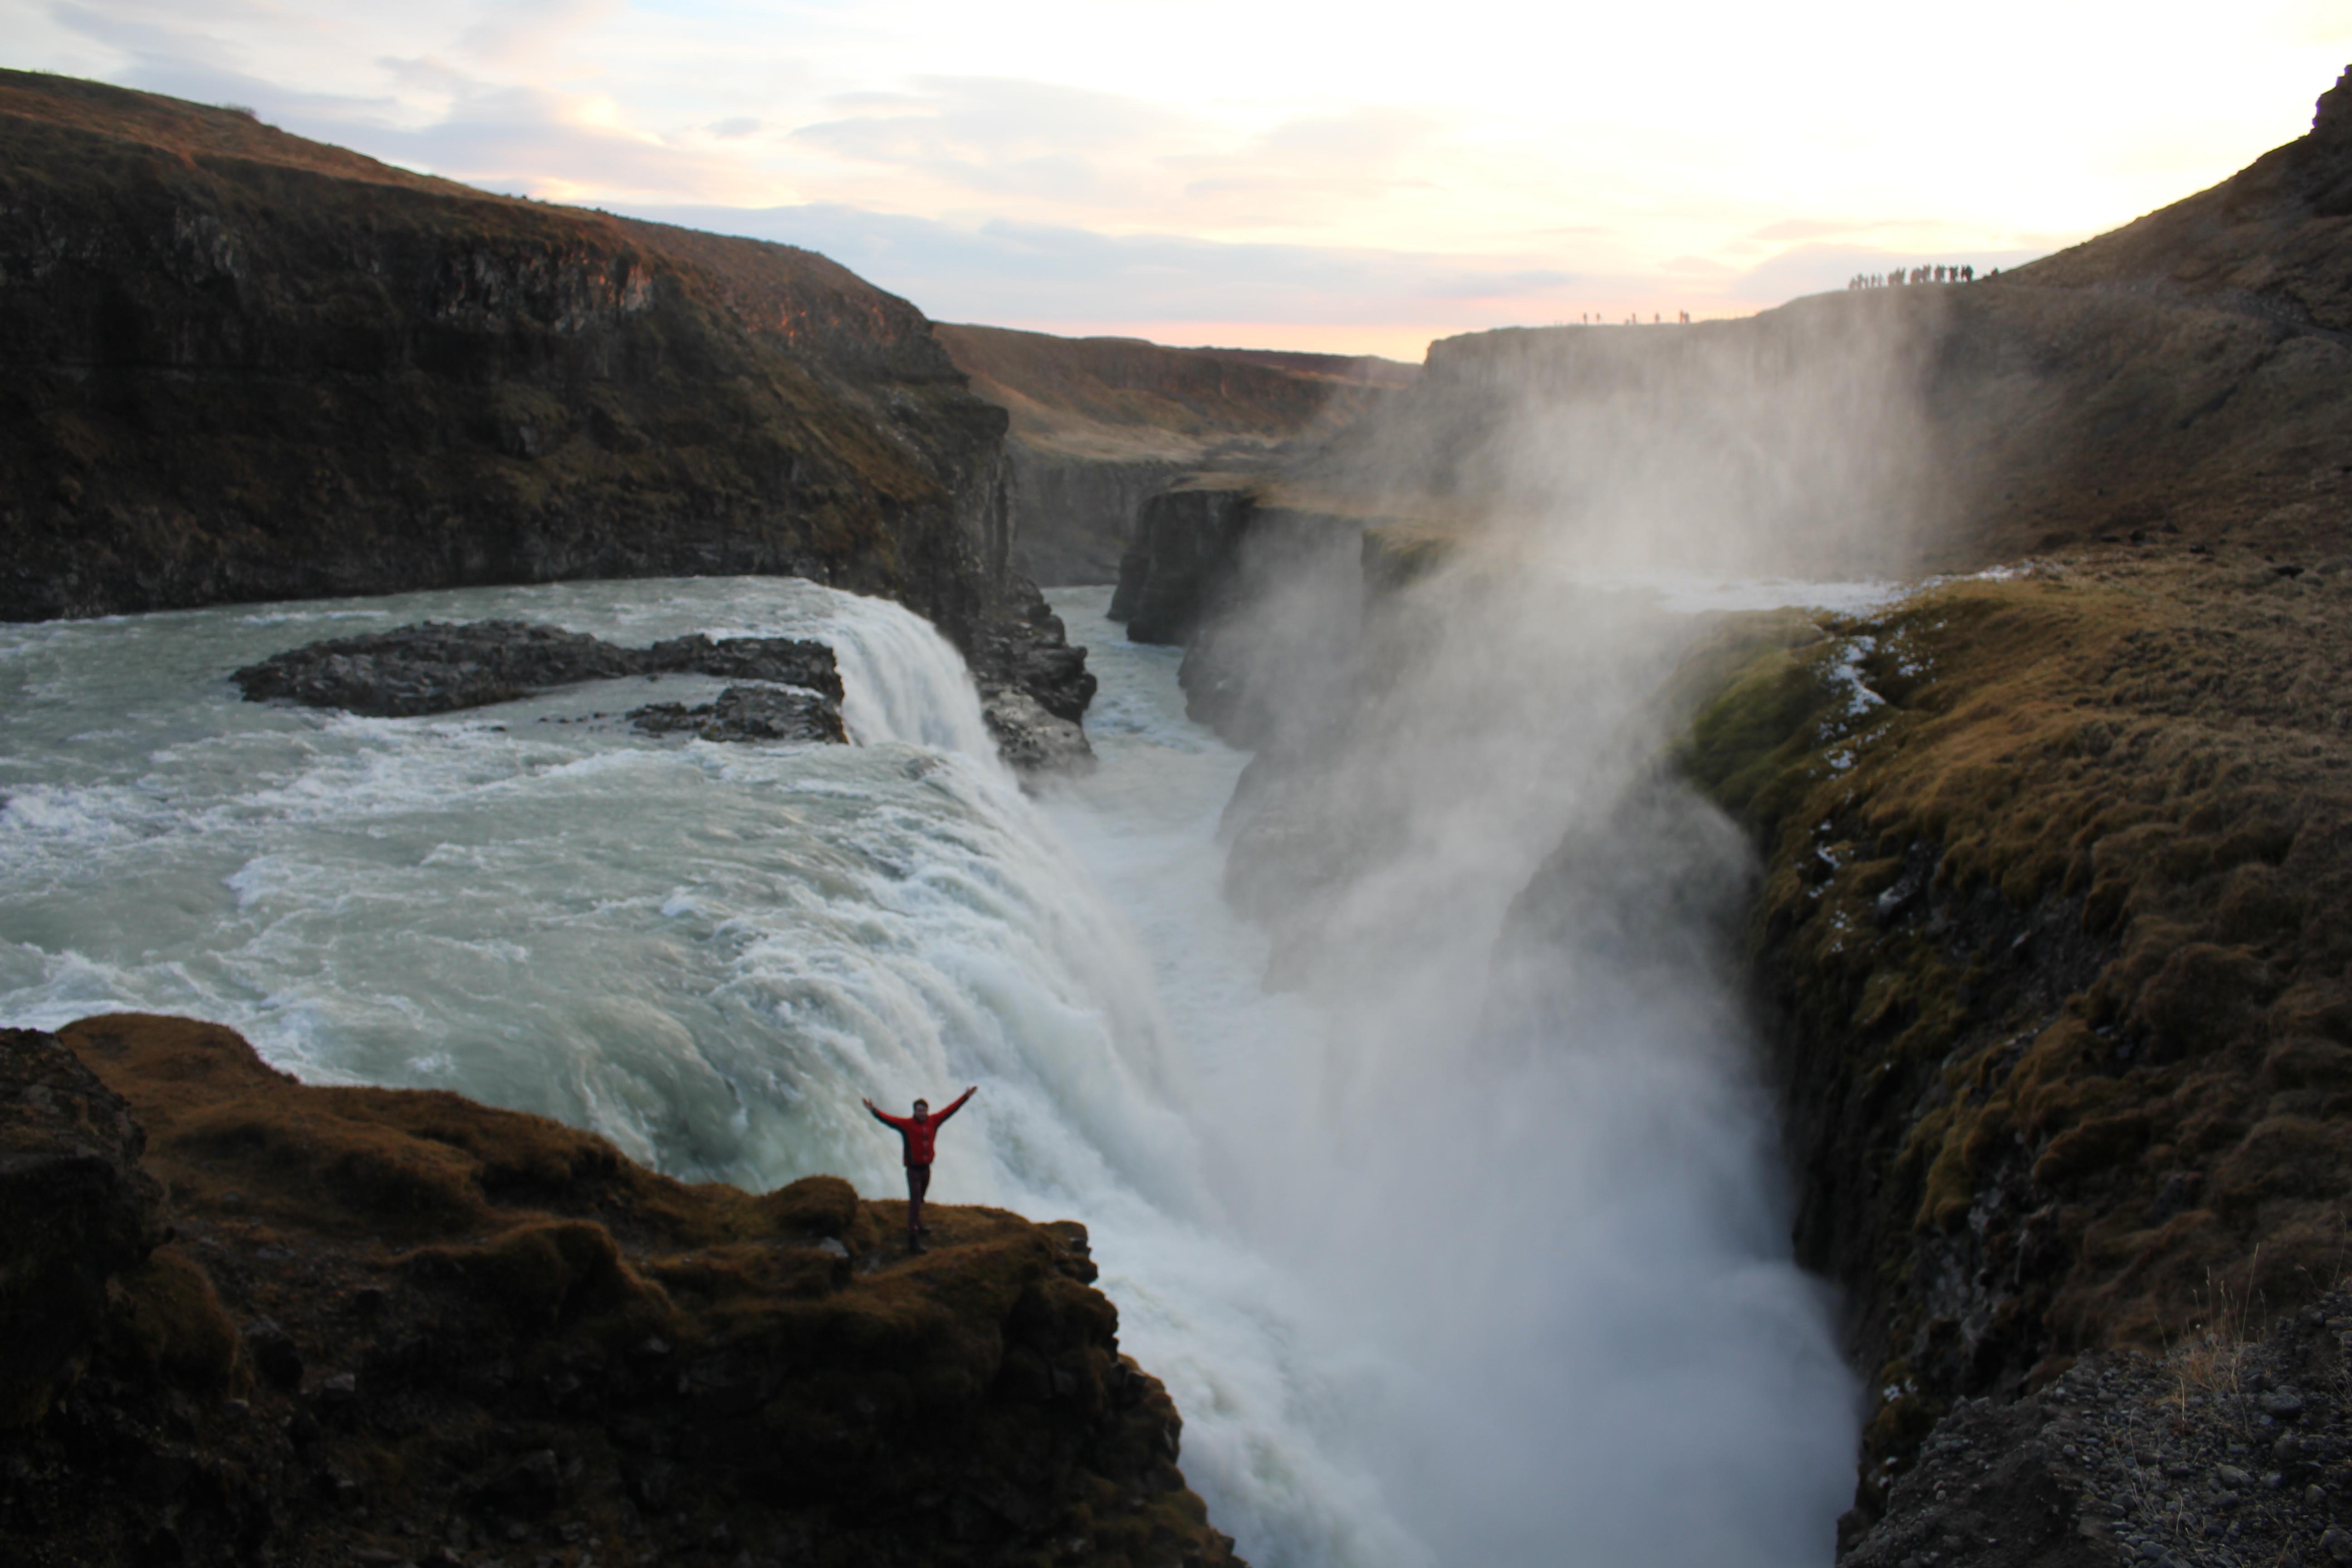 Munro Moffat, volunteer in Iceland